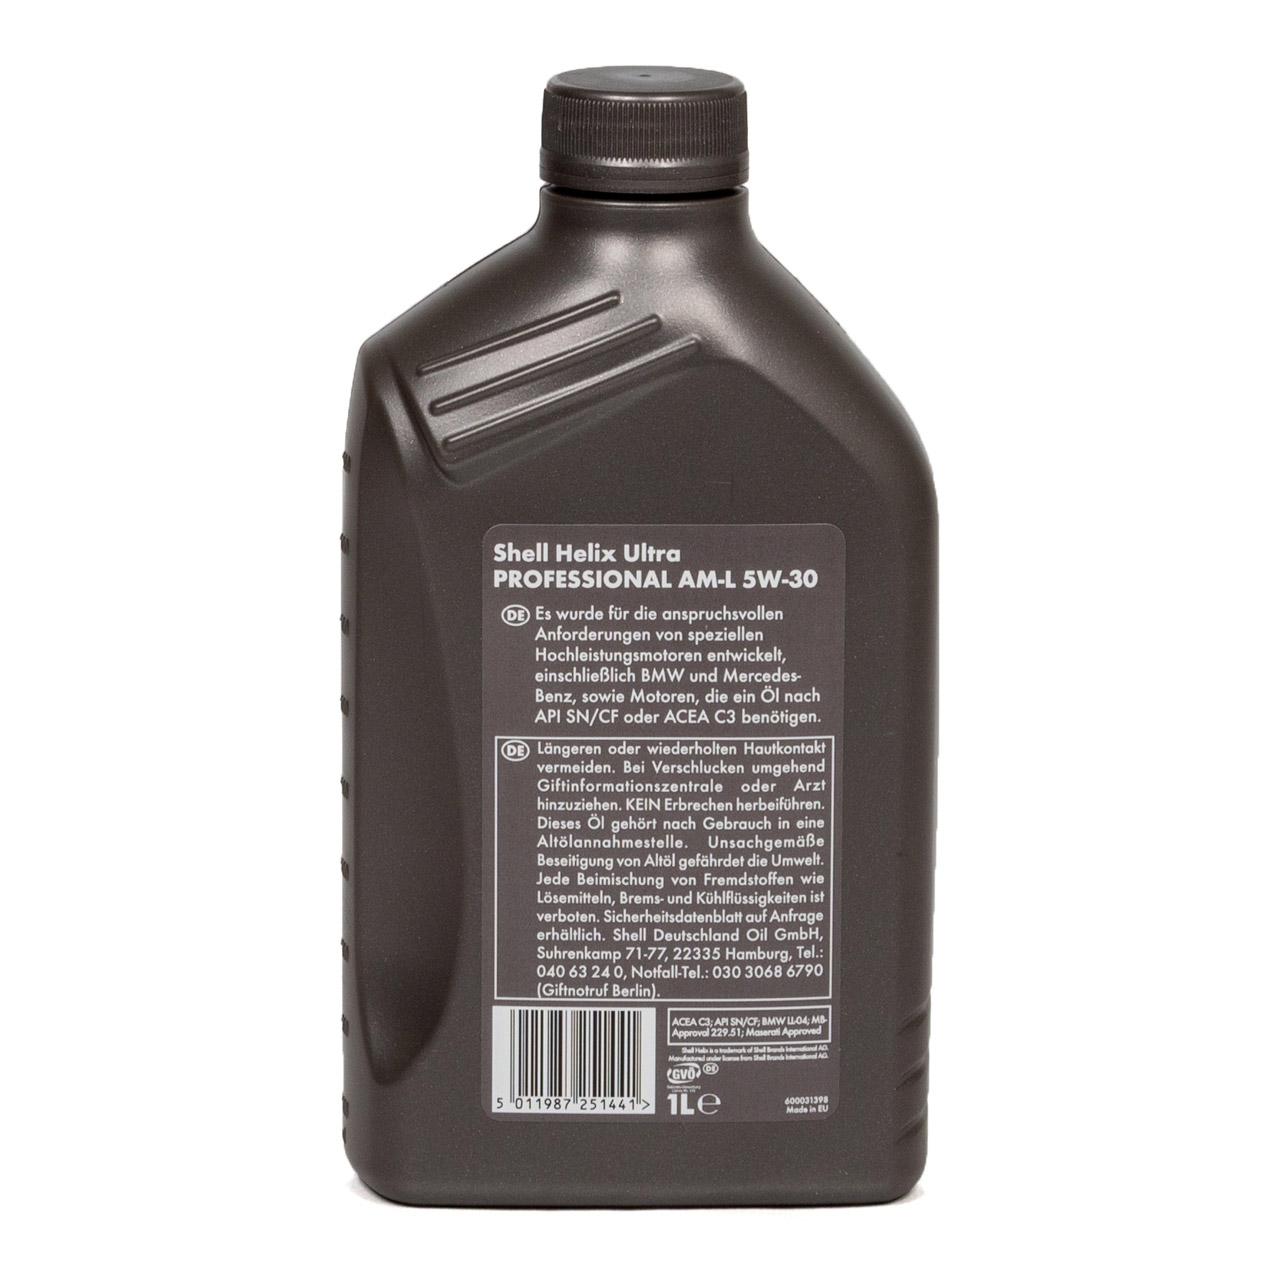 SHELL Motoröl Öl HELIX ULTRA Professional AM-L 5W30 für BMW LL-04 - 1L 1 Liter